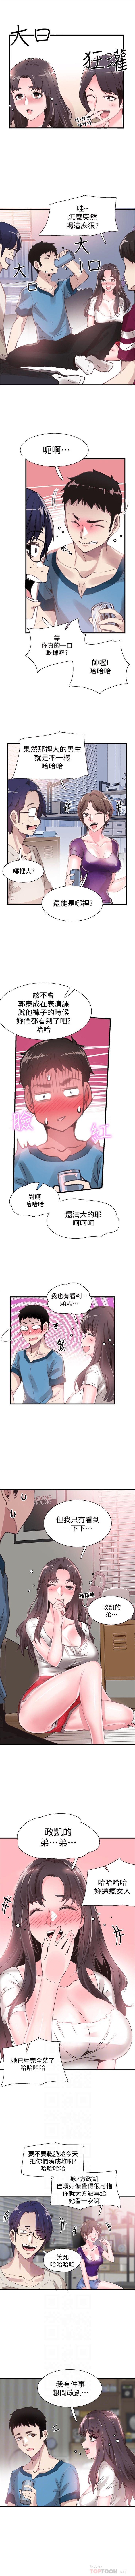 (週7)校園live秀 1-50 中文翻譯(更新中) 205